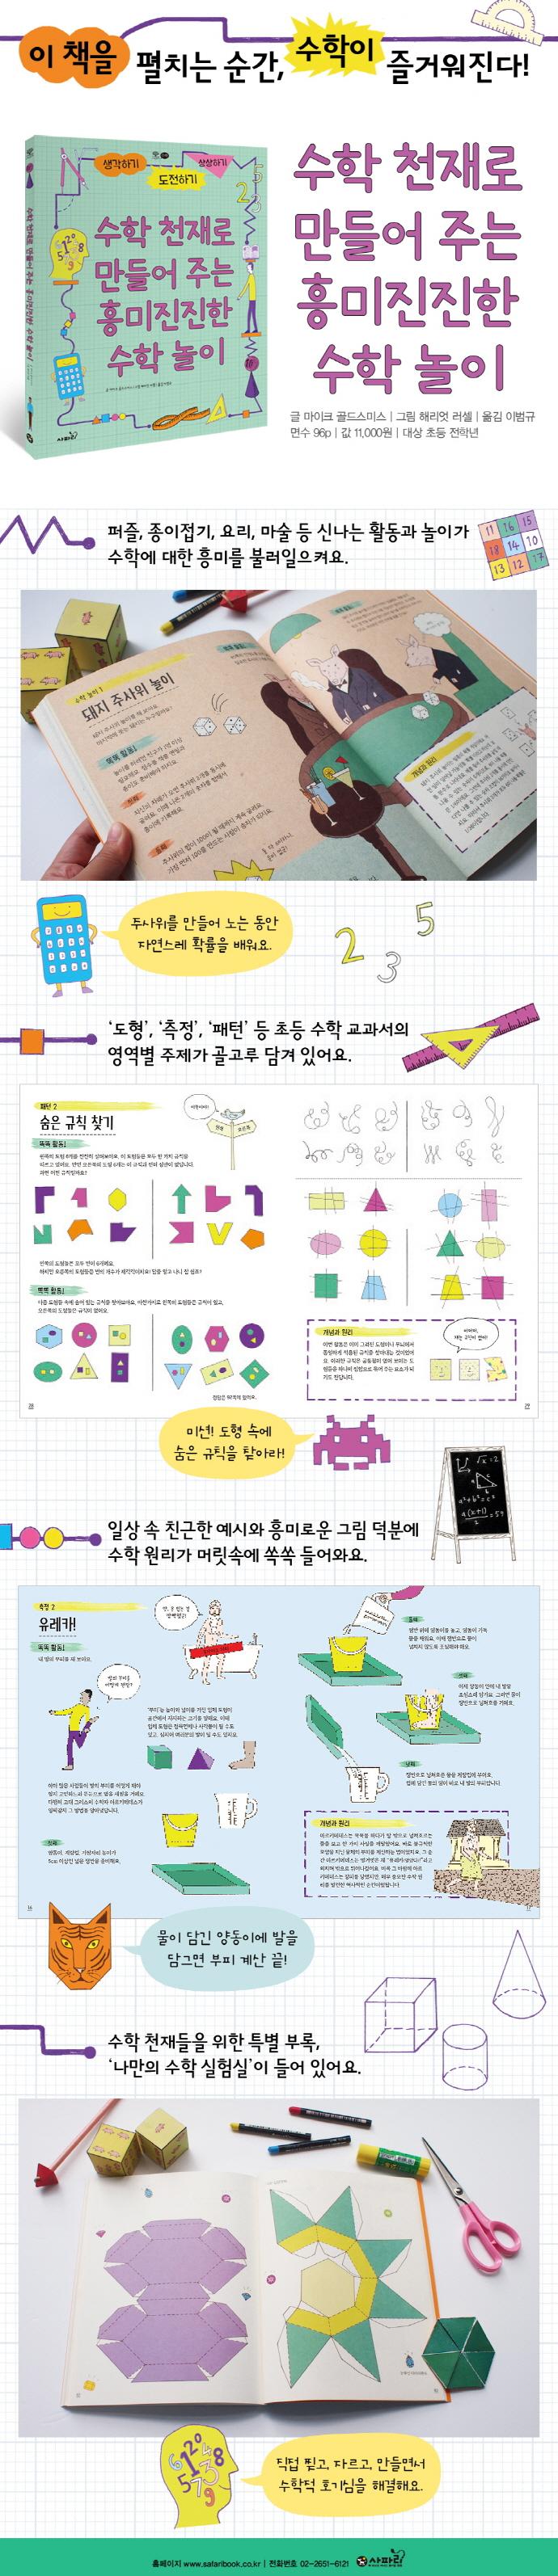 수학 천재로 만들어주는 흥미진진한 수학 놀이 도서 상세이미지